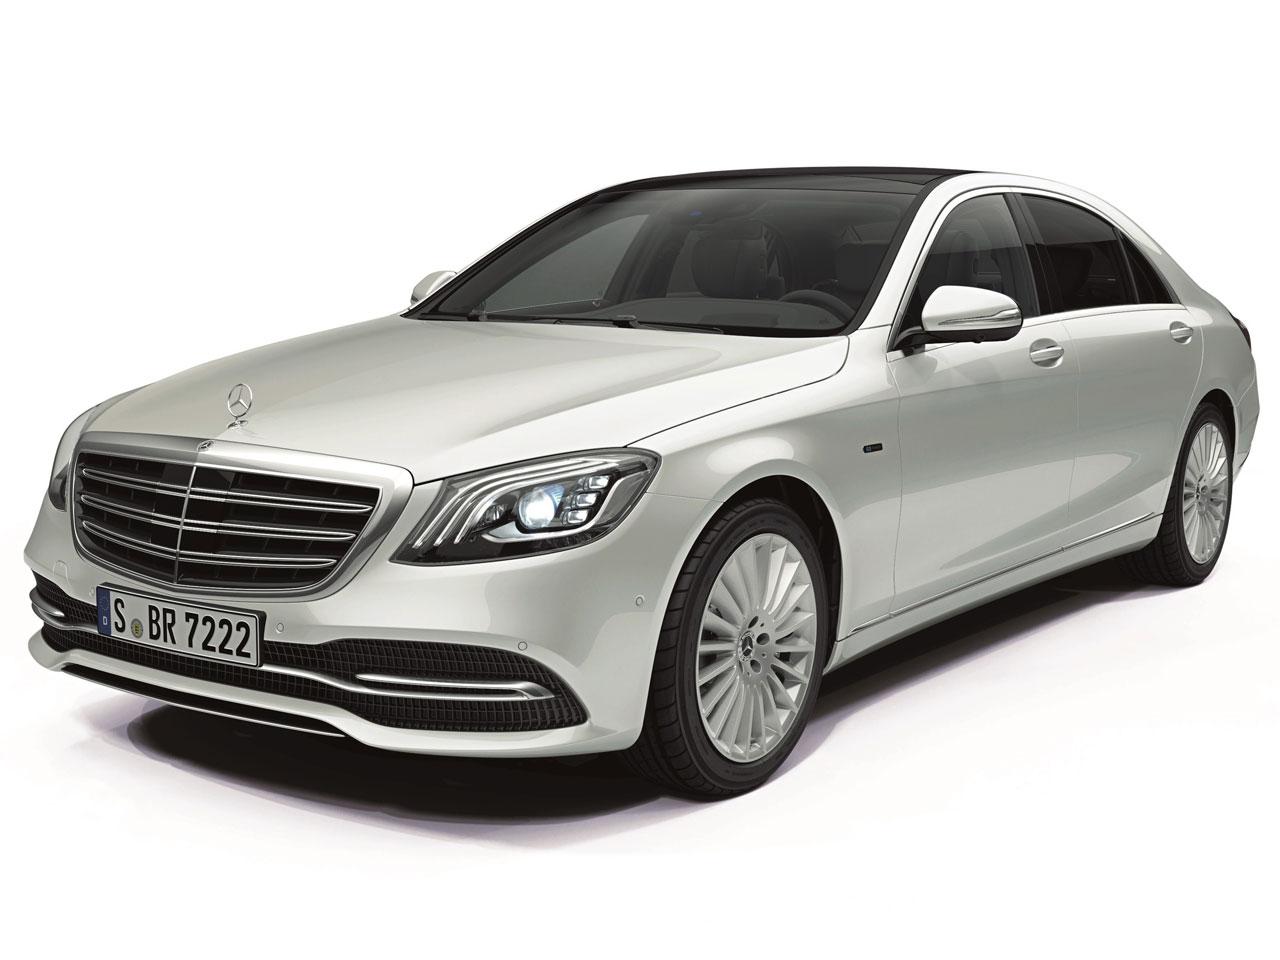 メルセデス・ベンツ Sクラス プラグインハイブリッド 2014年モデル 新車画像